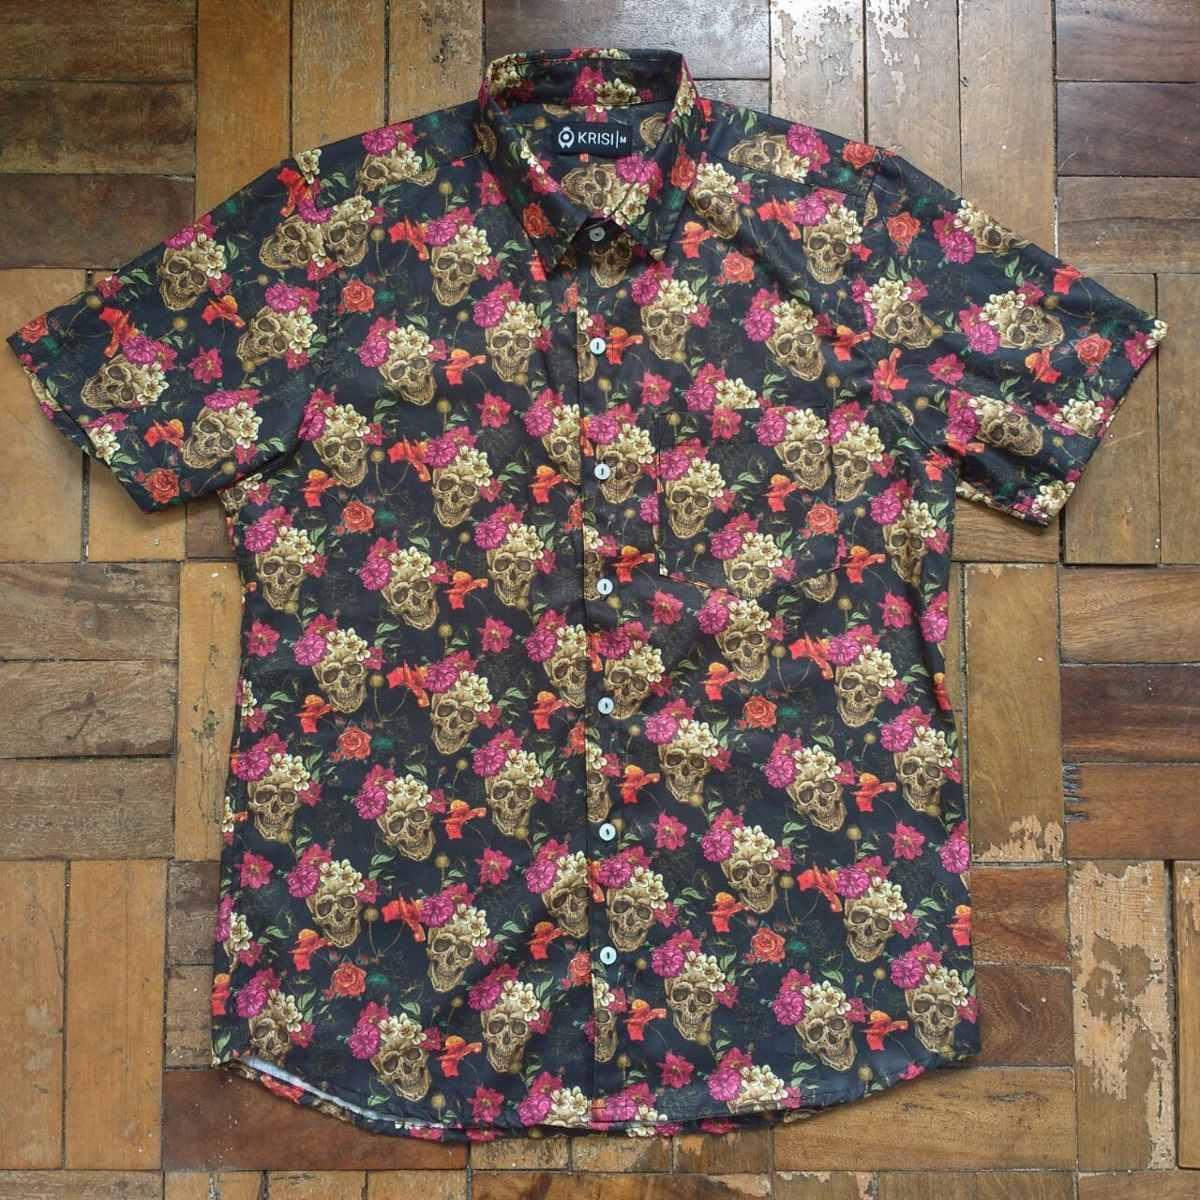 9a3b9e7ed camisas masculinas estampadas manga curta p m g gg e xg. Carregando zoom.